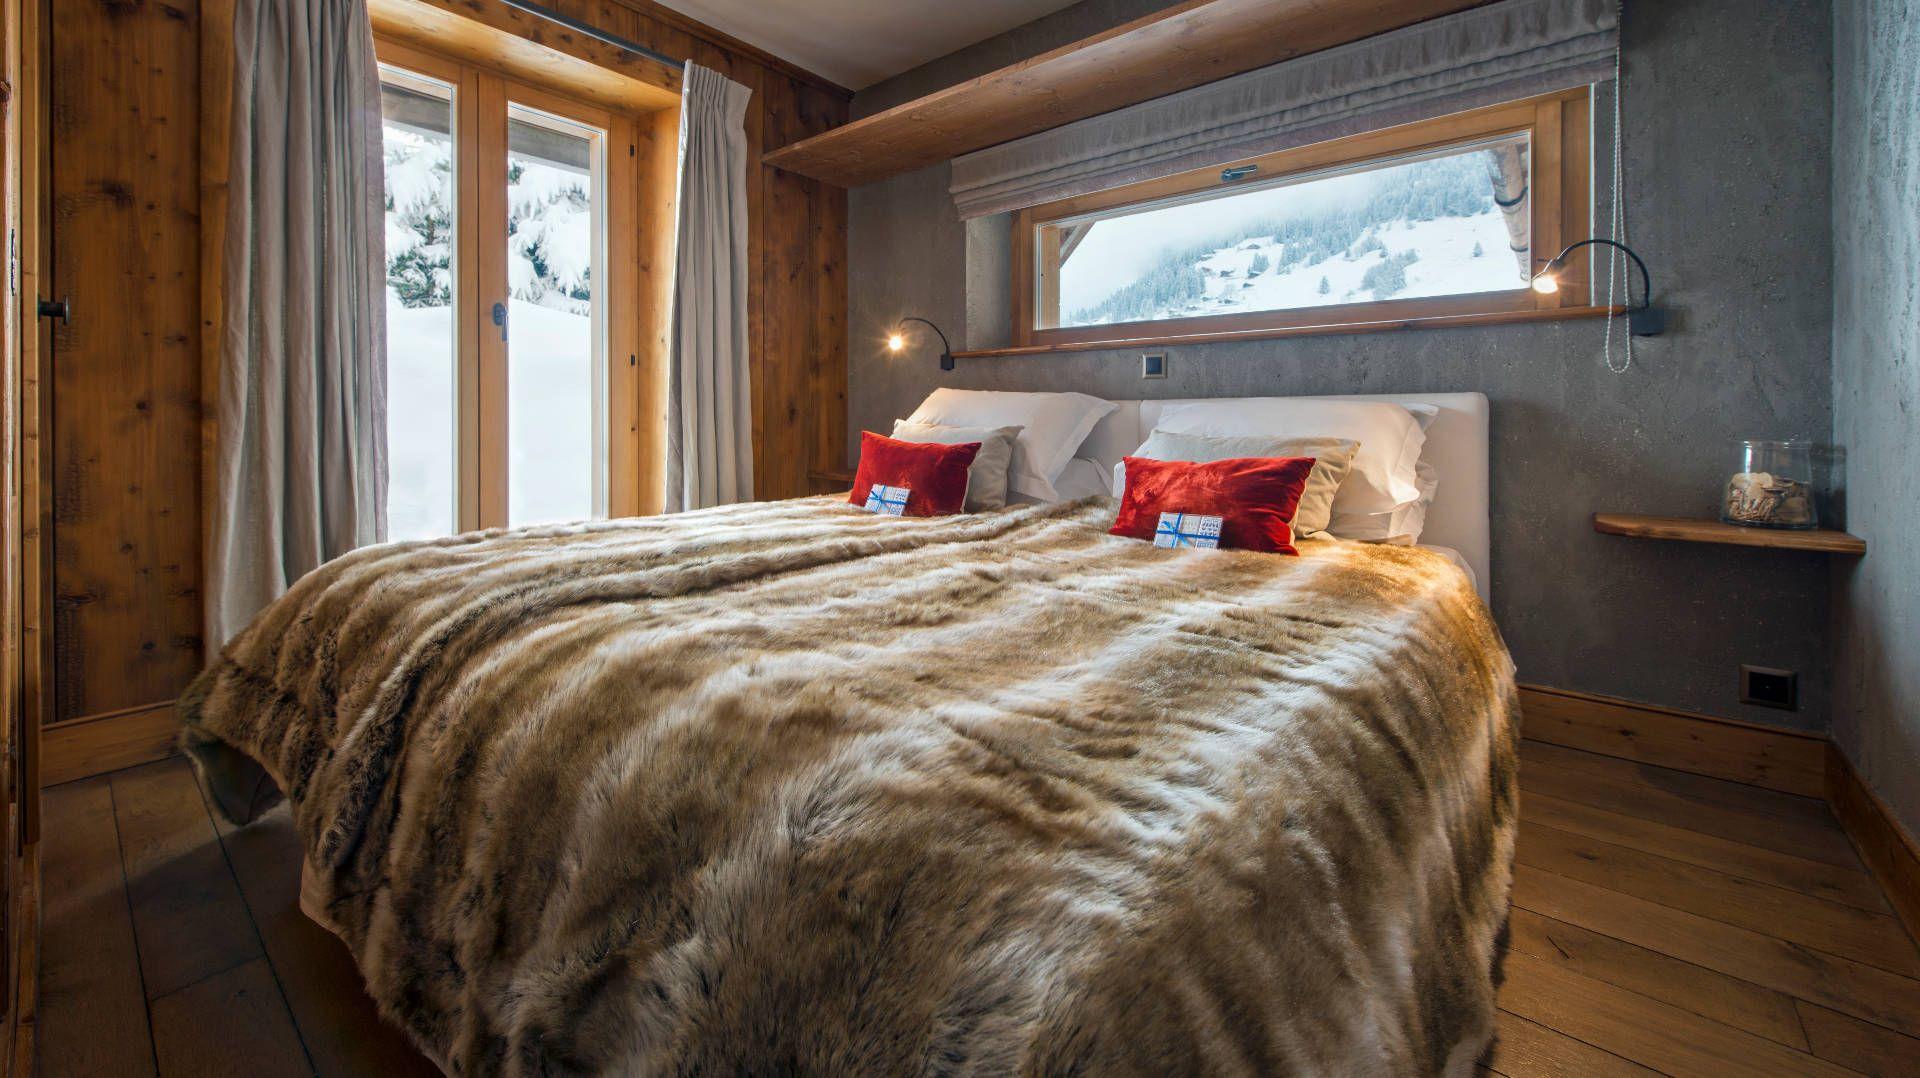 du willst ein komplettes schlafzimmer online kaufen? dann habe ich, Schlafzimmer entwurf